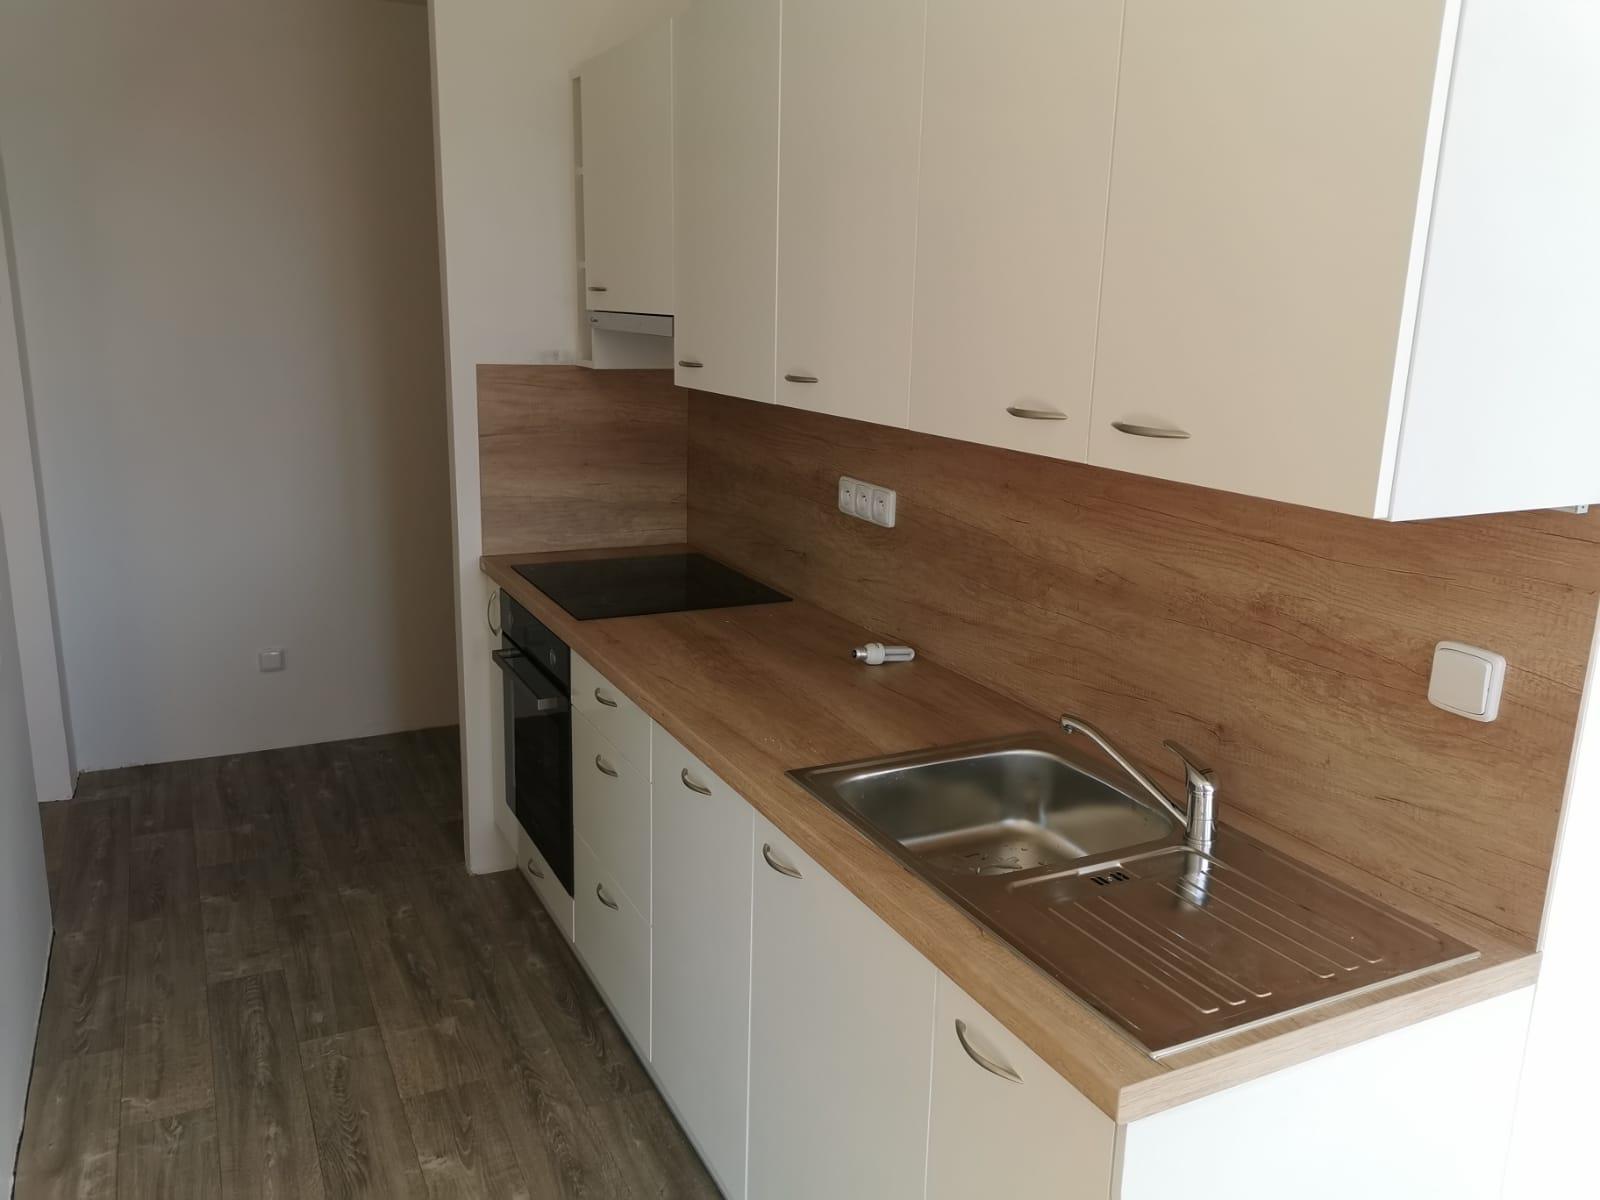 rekonstrukce kuchyně Brno levně